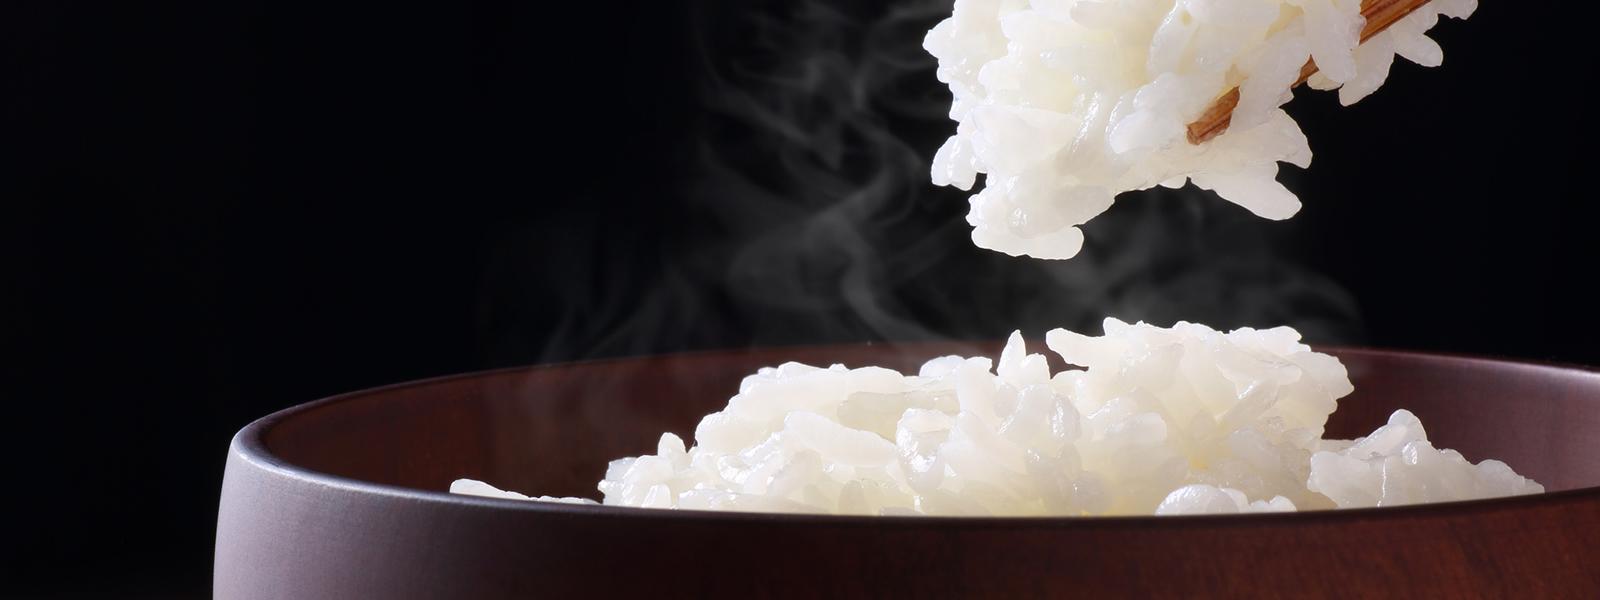 出産内祝い・おしゃれお米ギフト通販サイト愛知県豊川市のませぎ商店にお任せください。